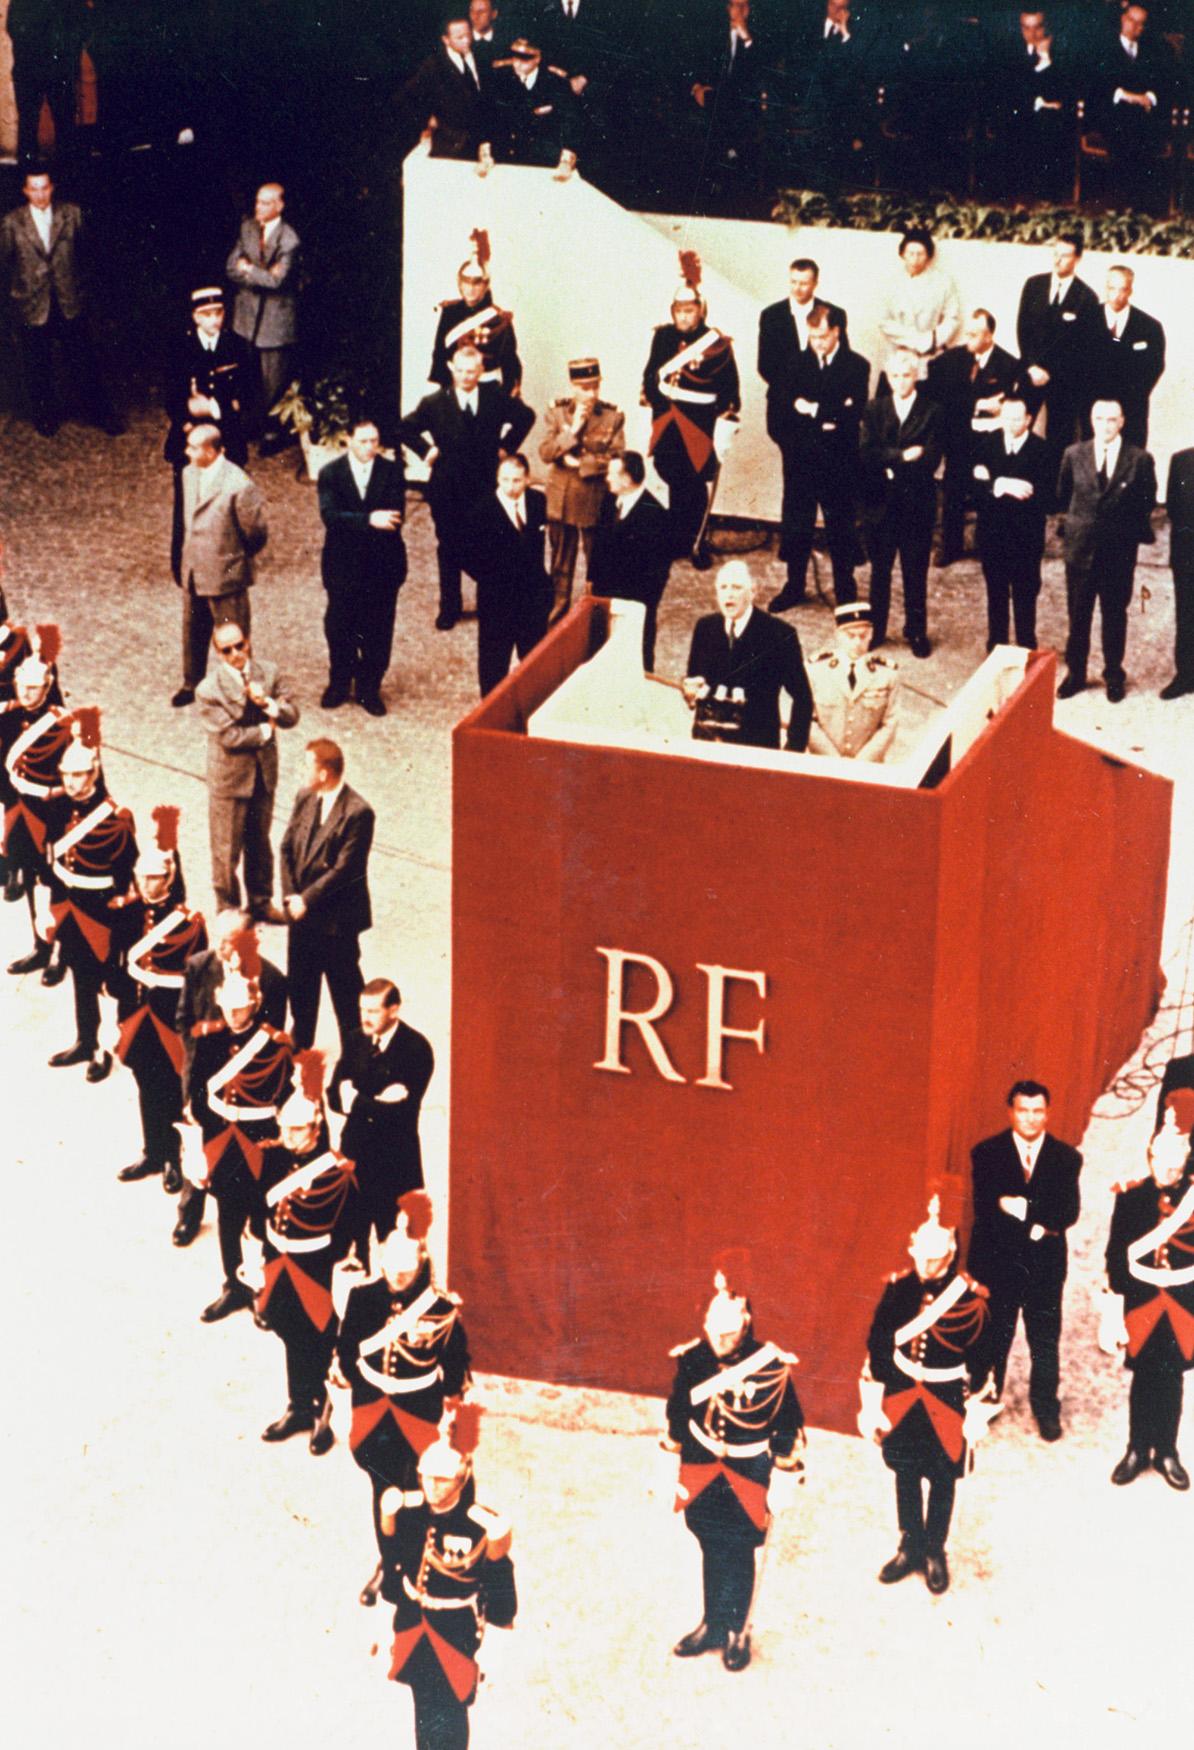 Le projet de nouvelle Constitution présenté aux Français par le général de Gaulle